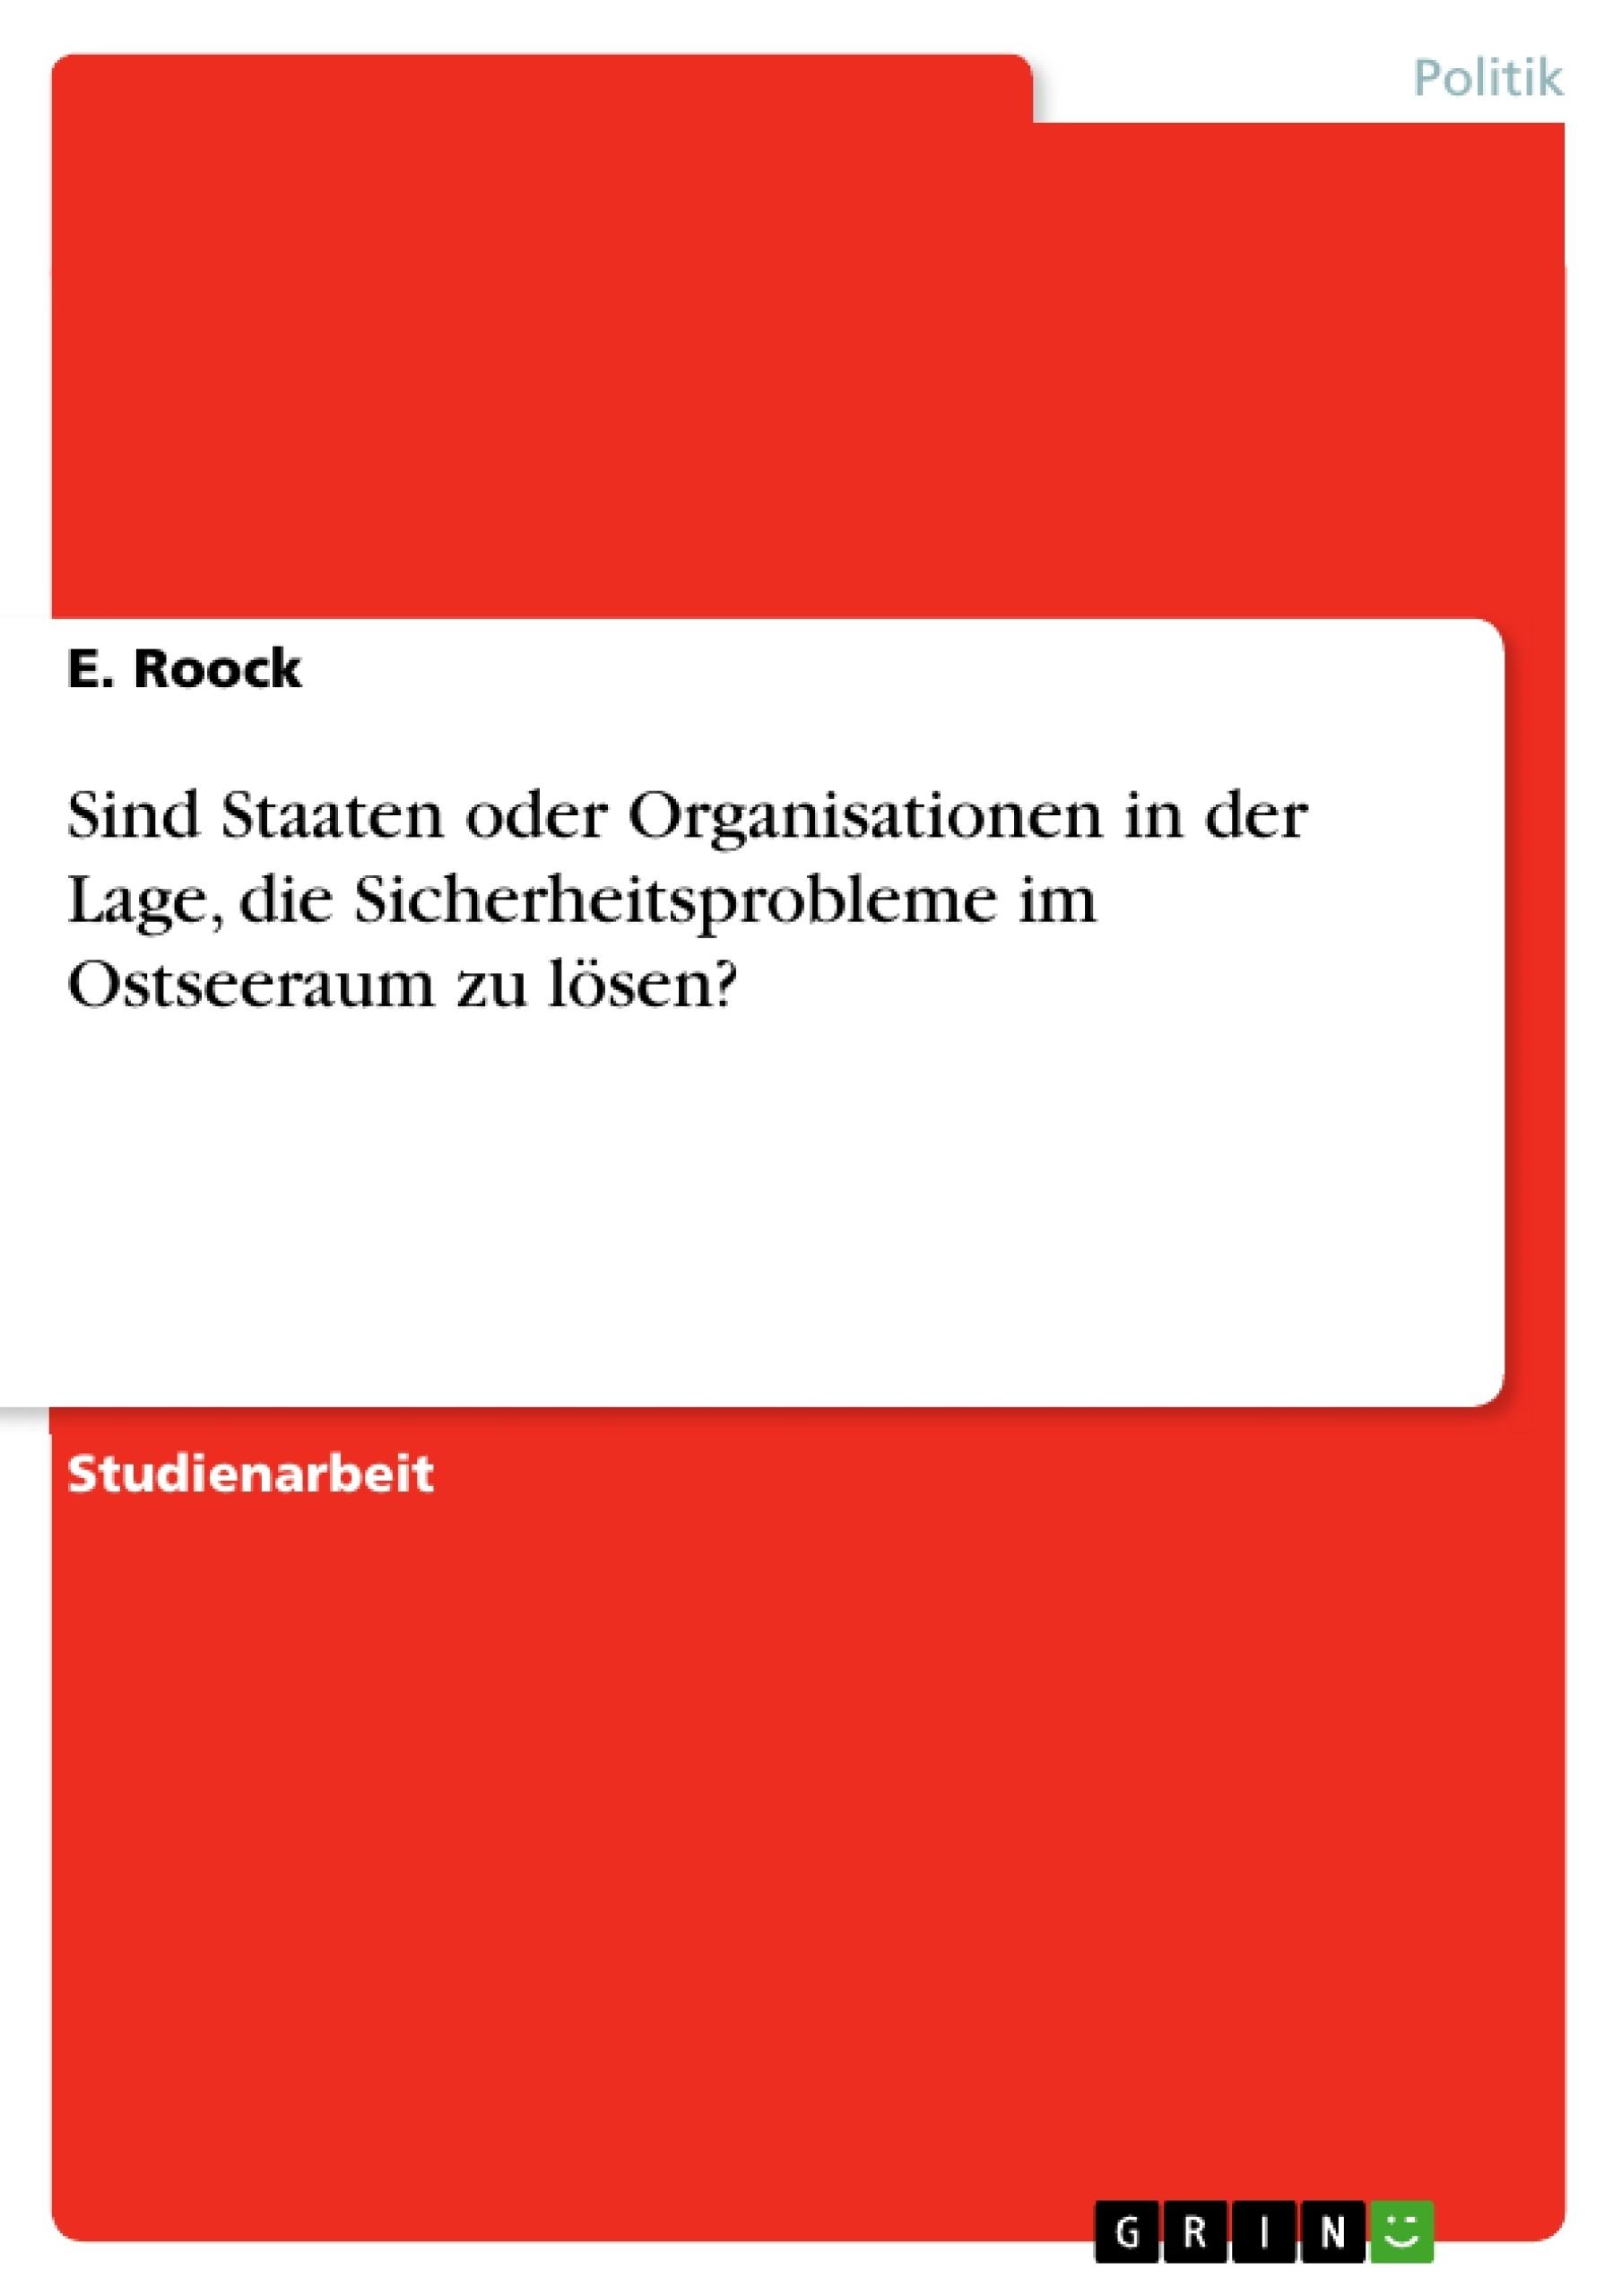 Titel: Sind Staaten oder Organisationen in der Lage, die Sicherheitsprobleme im Ostseeraum zu lösen?